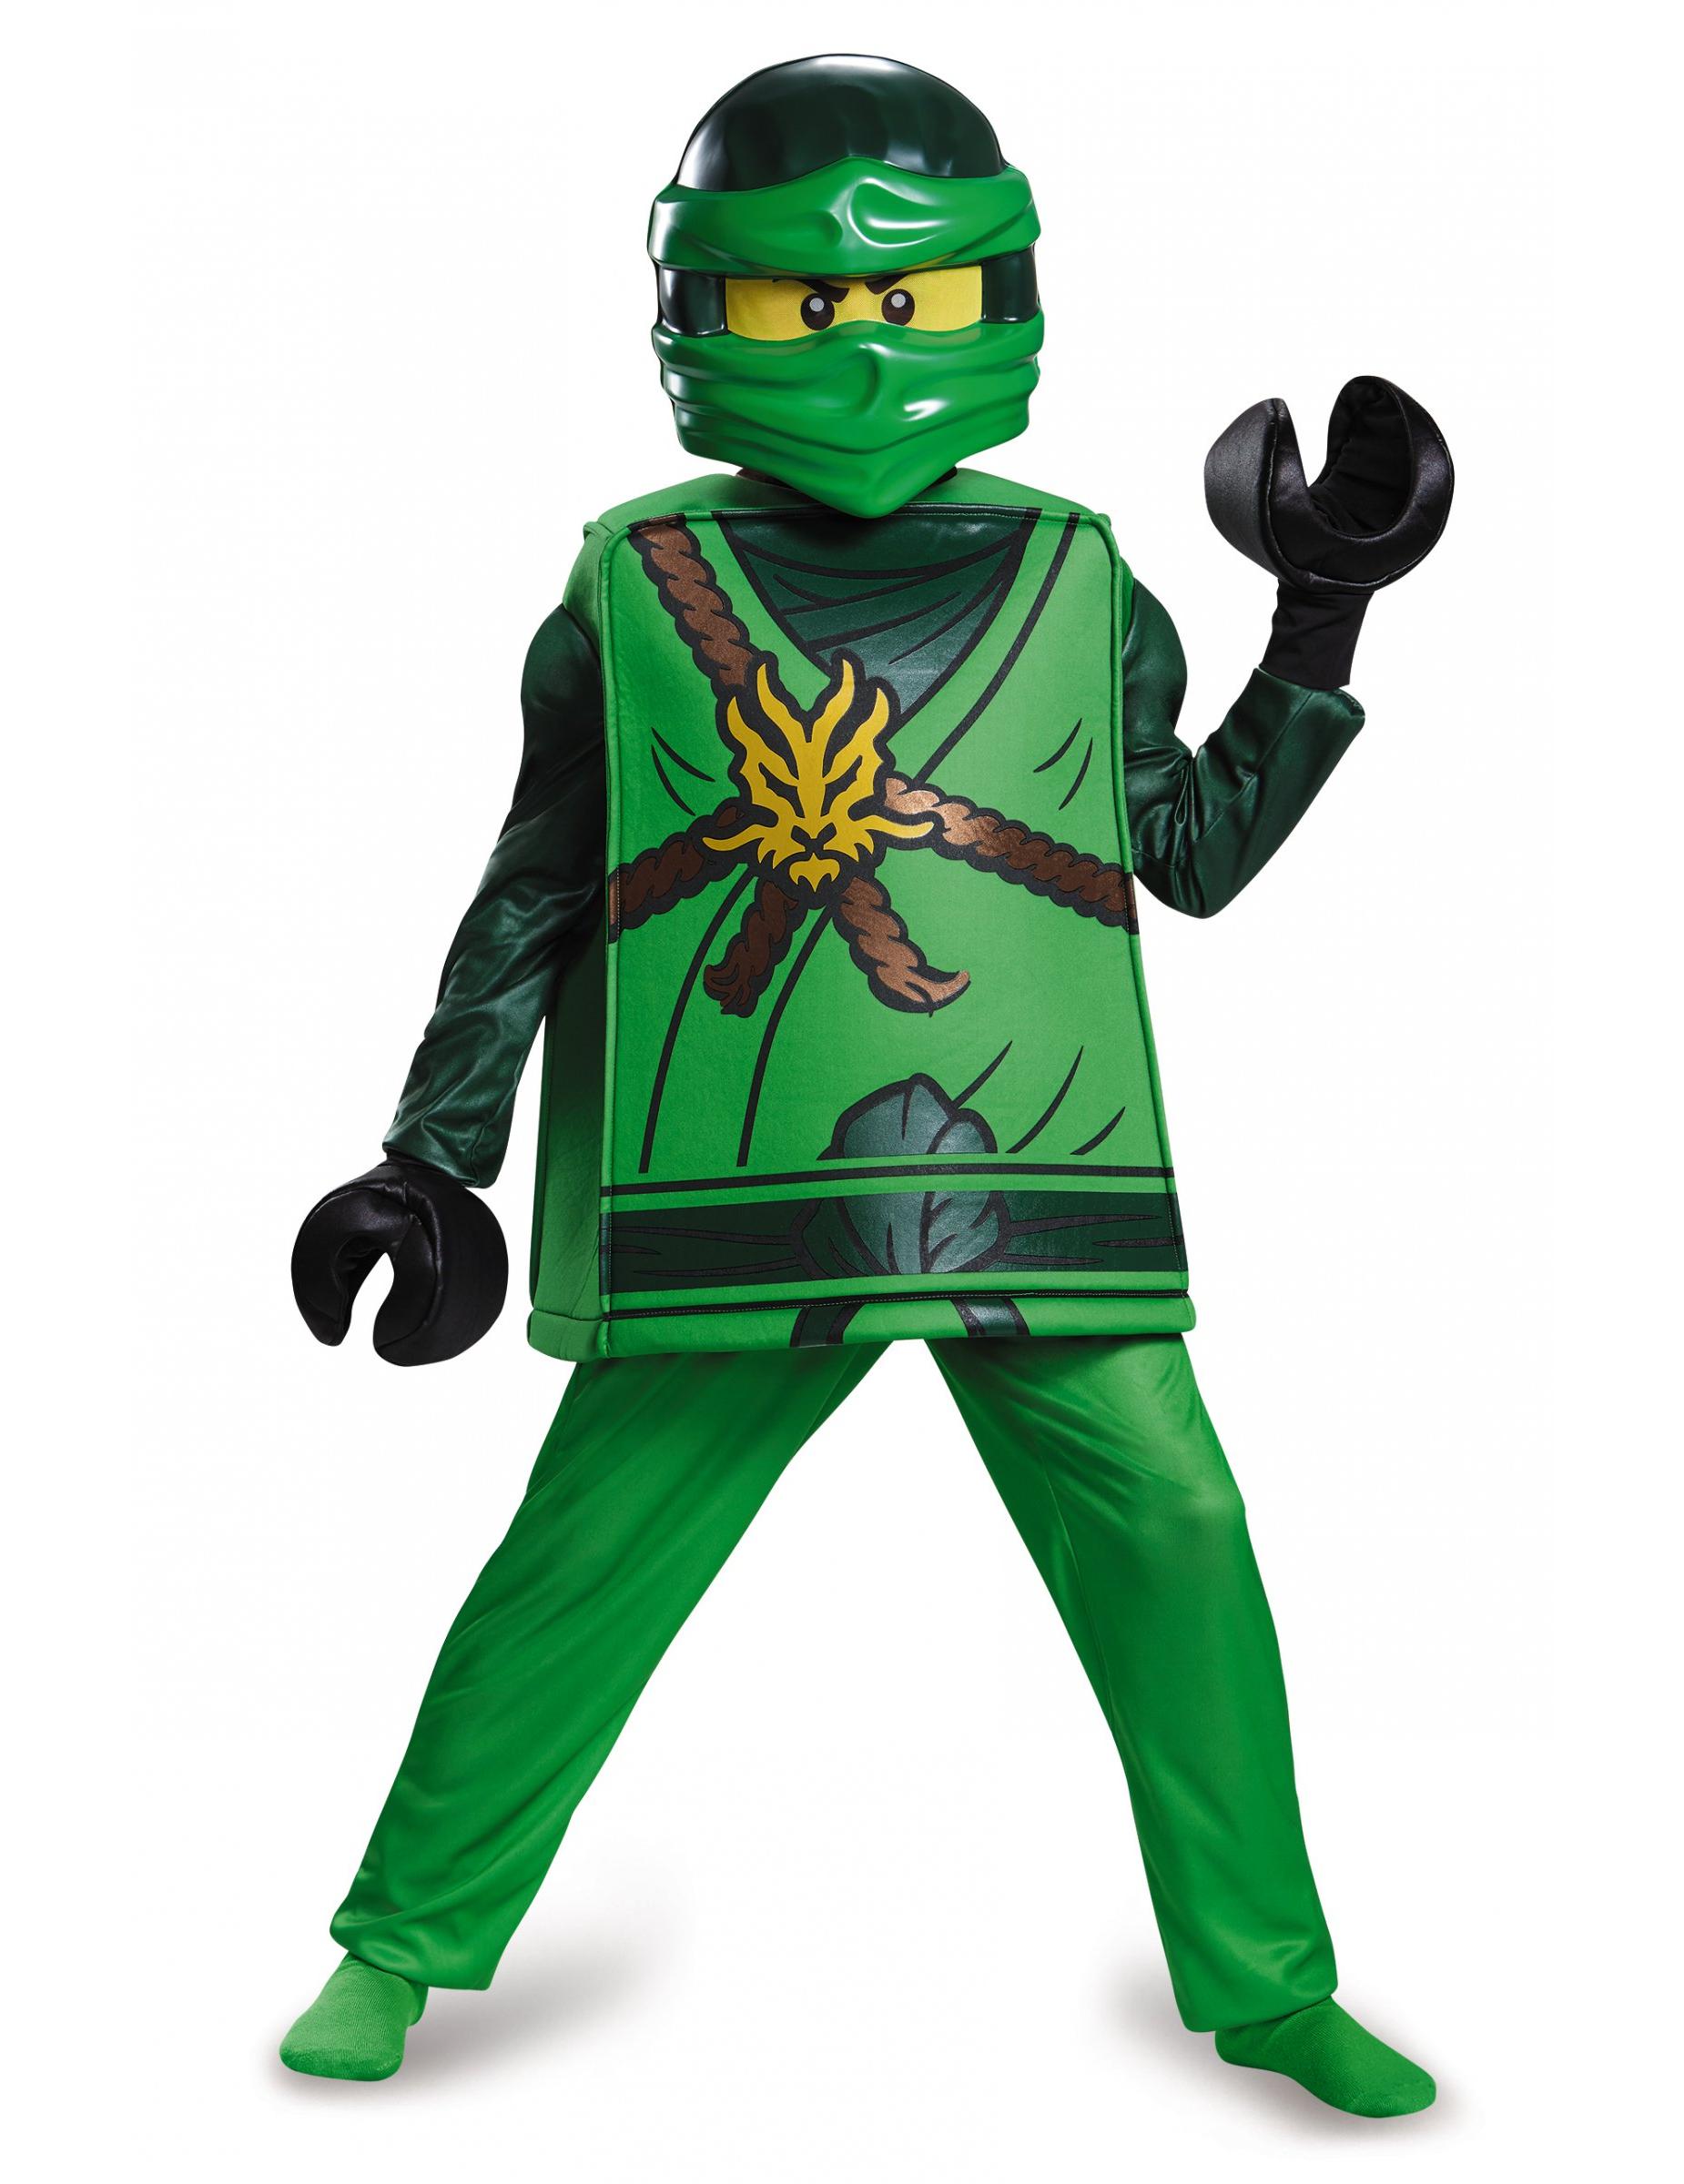 Wonderlijk Compleet Lloyd Ninjago®- LEGO® kostuum voor kinderen - Vegaoo.nl ZW-87